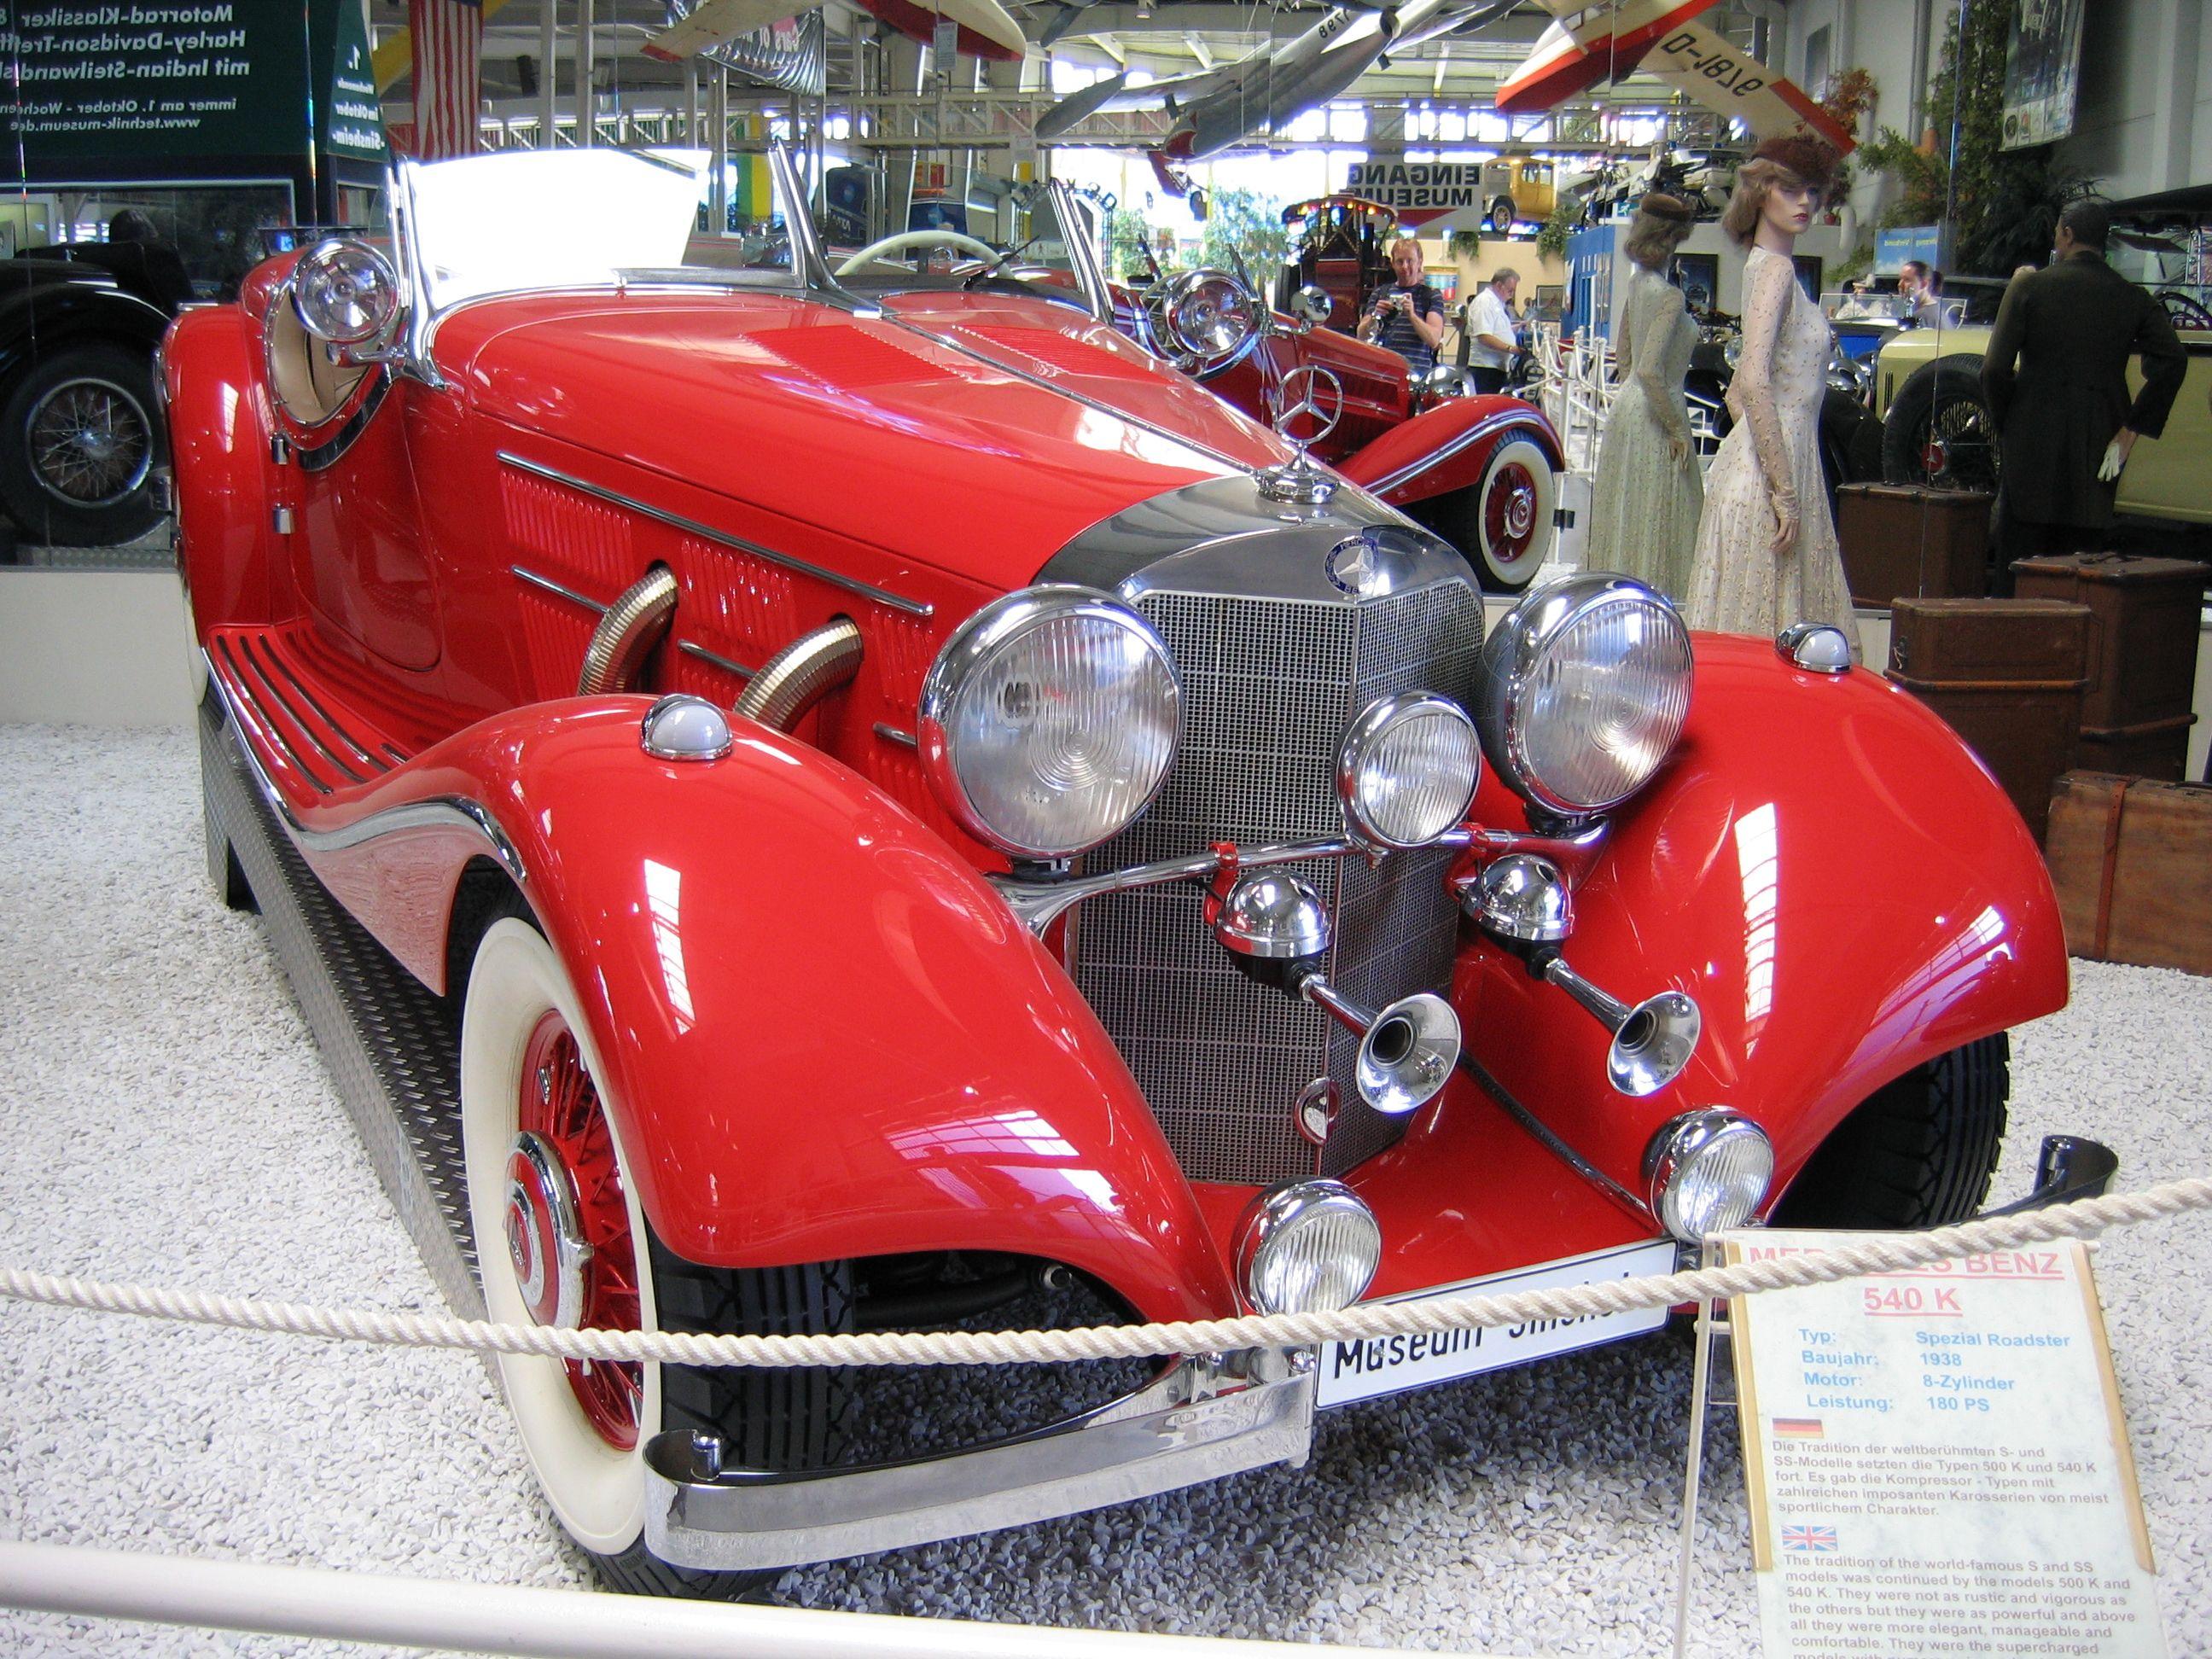 mercedes benz 540k spezial roadster 1938 sinsheim museum